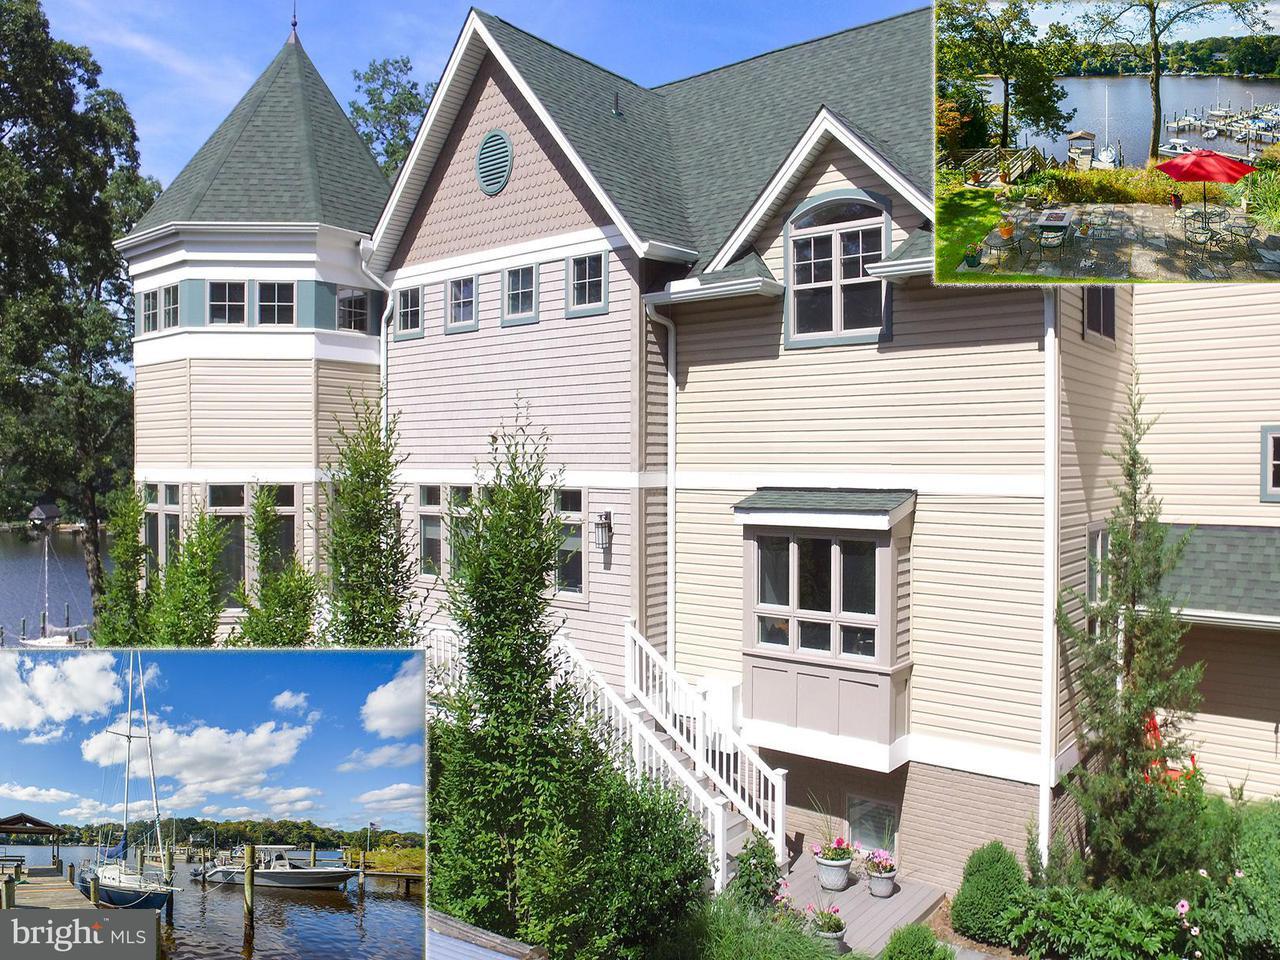 Частный односемейный дом для того Продажа на 641 HONEYSUCKLE Lane 641 HONEYSUCKLE Lane Severna Park, Мэриленд 21146 Соединенные Штаты